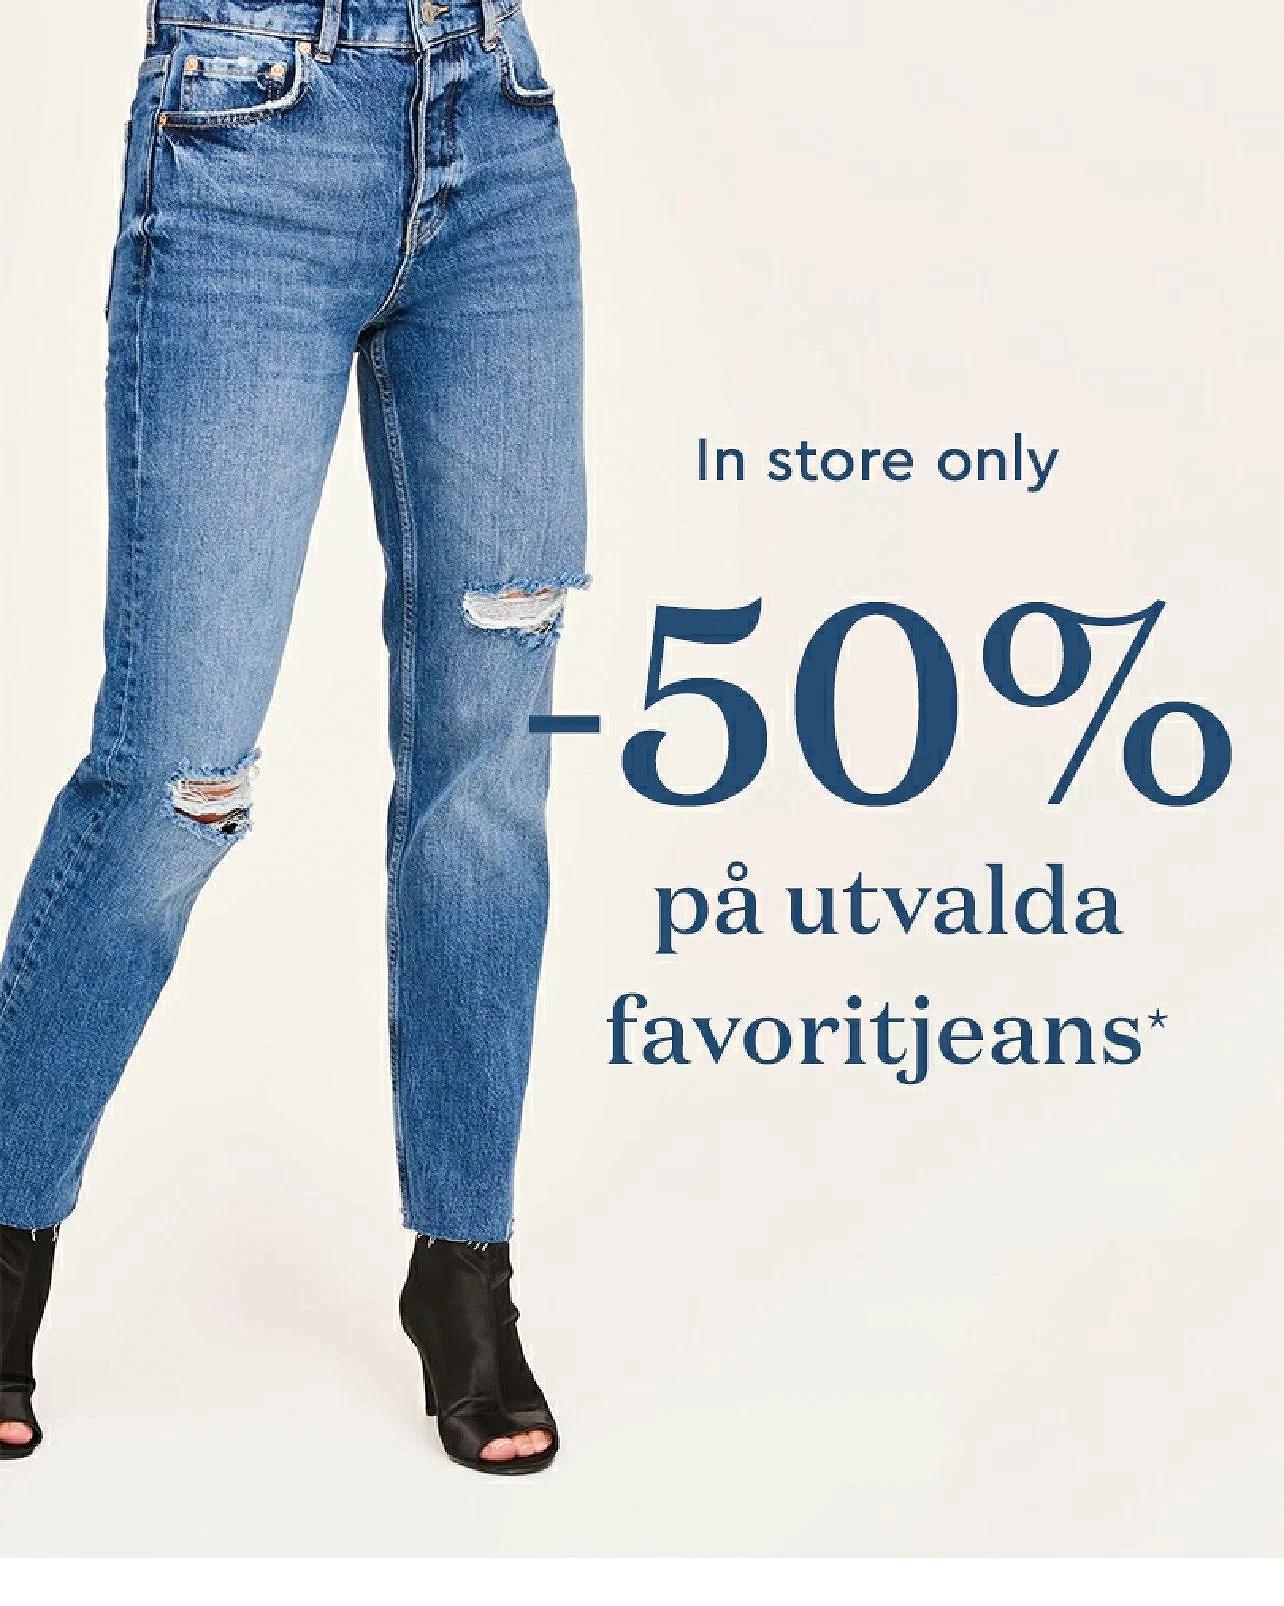 Ginatricot 50% rabatt på utvalda jeans i butiken